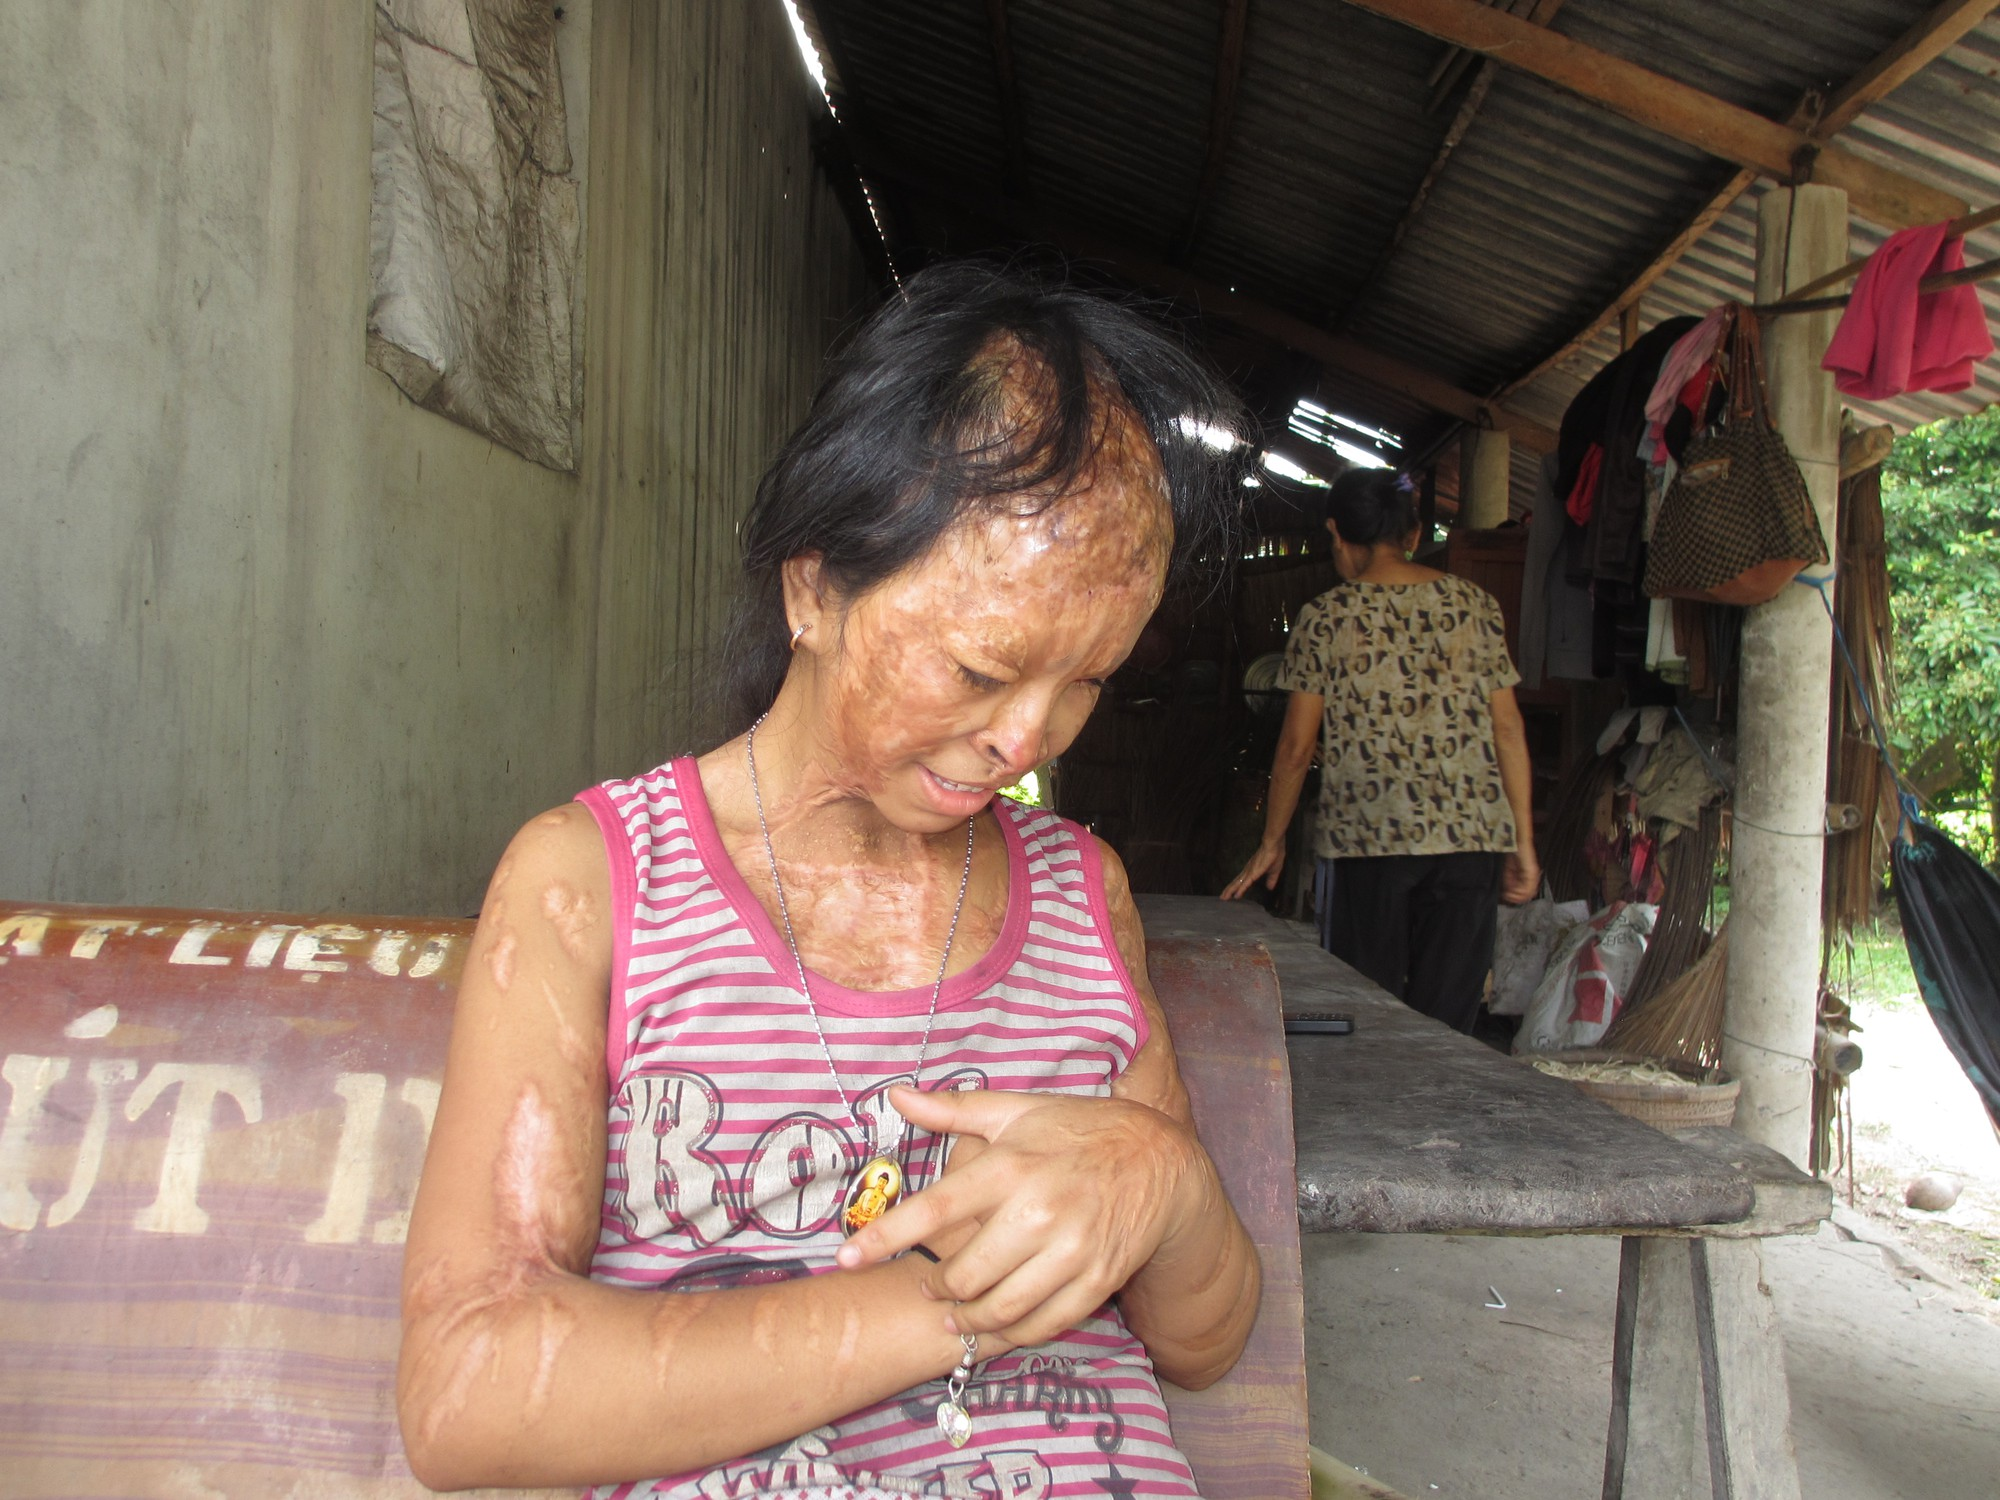 Bà nội bé gái bị tạt axit năm 7 tuổi vì mẹ giật chồng người khác: Tôi muốn xin đôi mắt của tử tù Nguyễn Hữu Tình để cứu cháu - Ảnh 3.